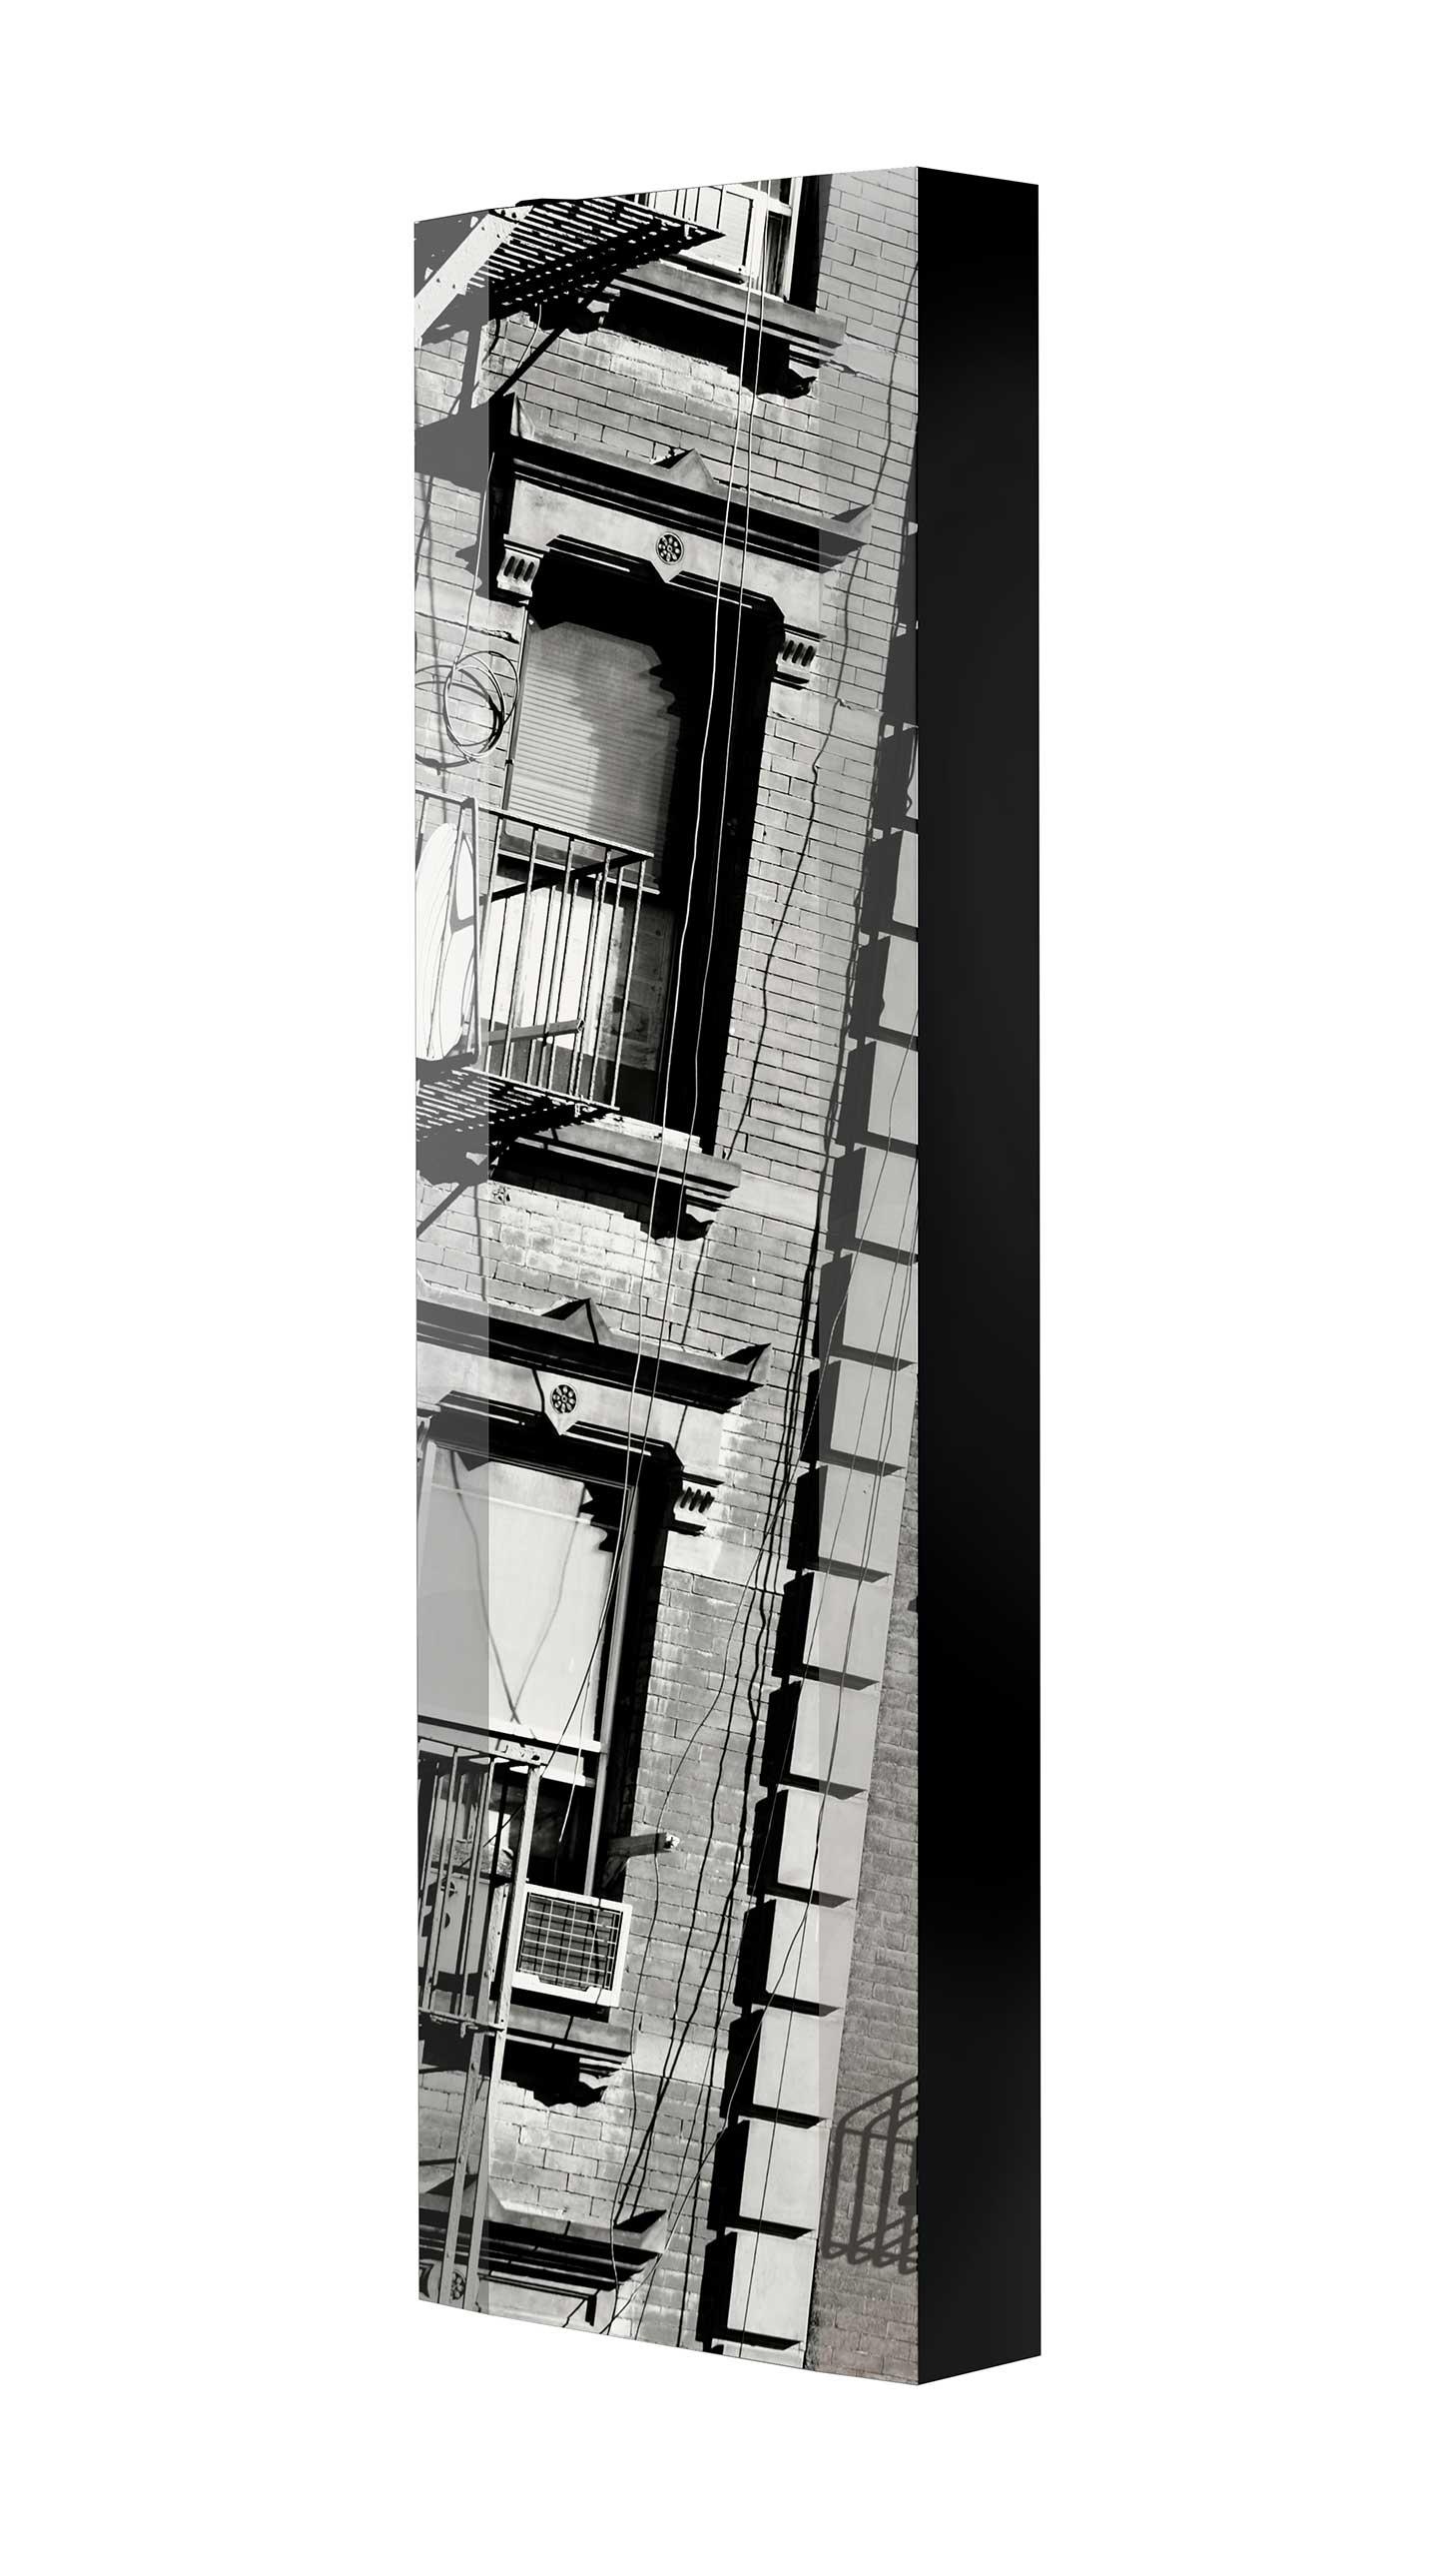 Schuhschrank FLASH 450 BLACK-EDITION Motivschrank schwarz drehbar M09 Häuserwand Schwarz-Weiß